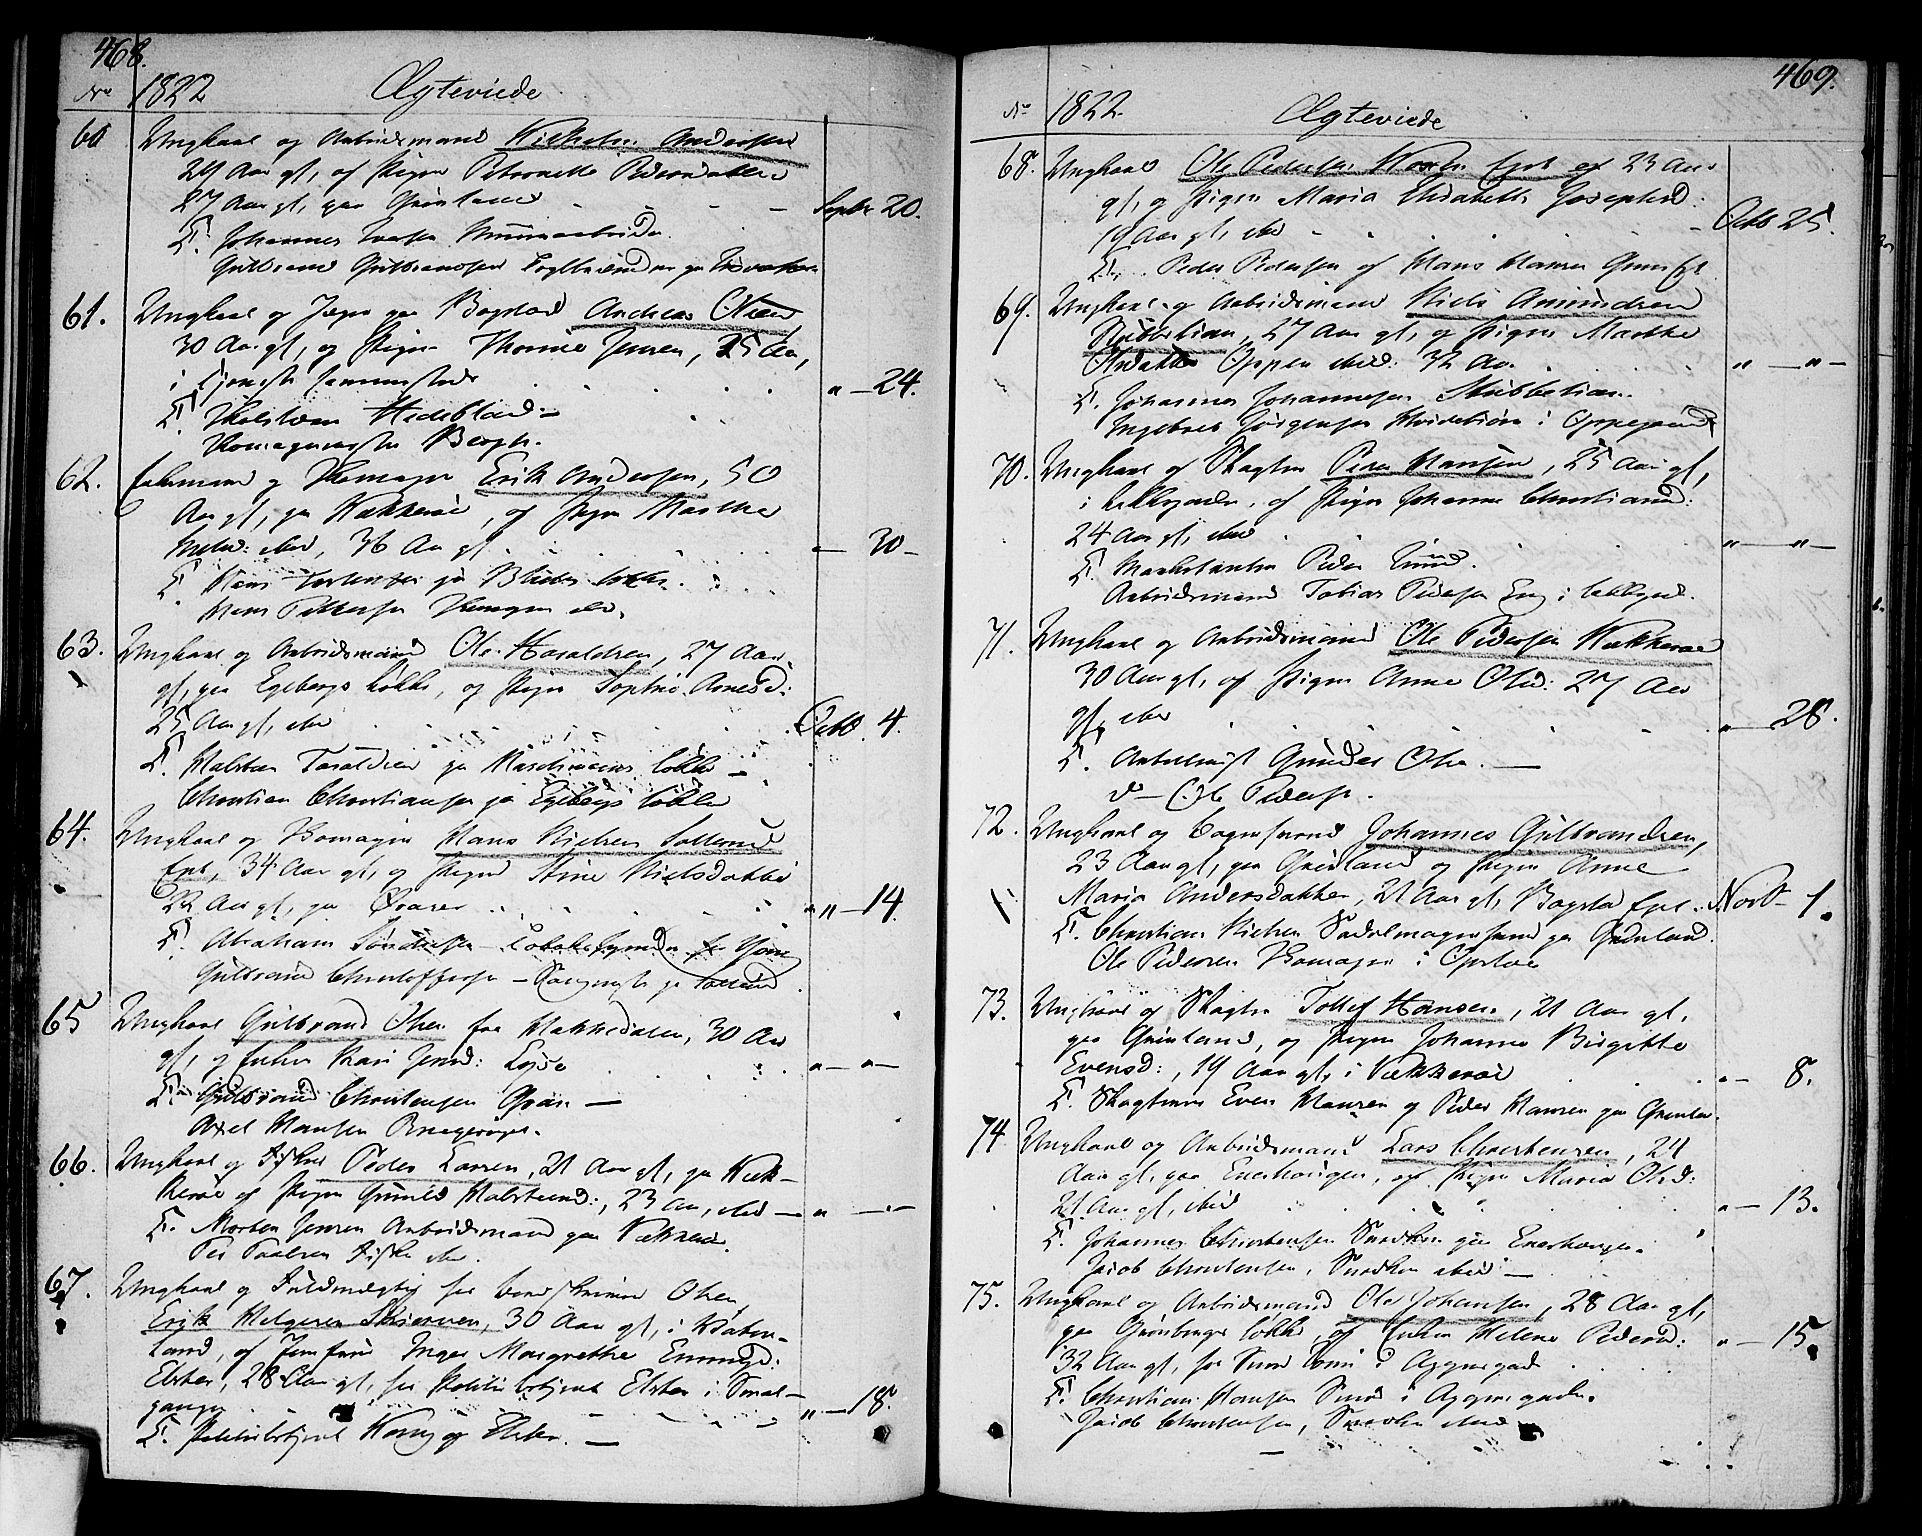 SAO, Aker prestekontor kirkebøker, F/L0012: Ministerialbok nr. 12, 1819-1828, s. 468-469